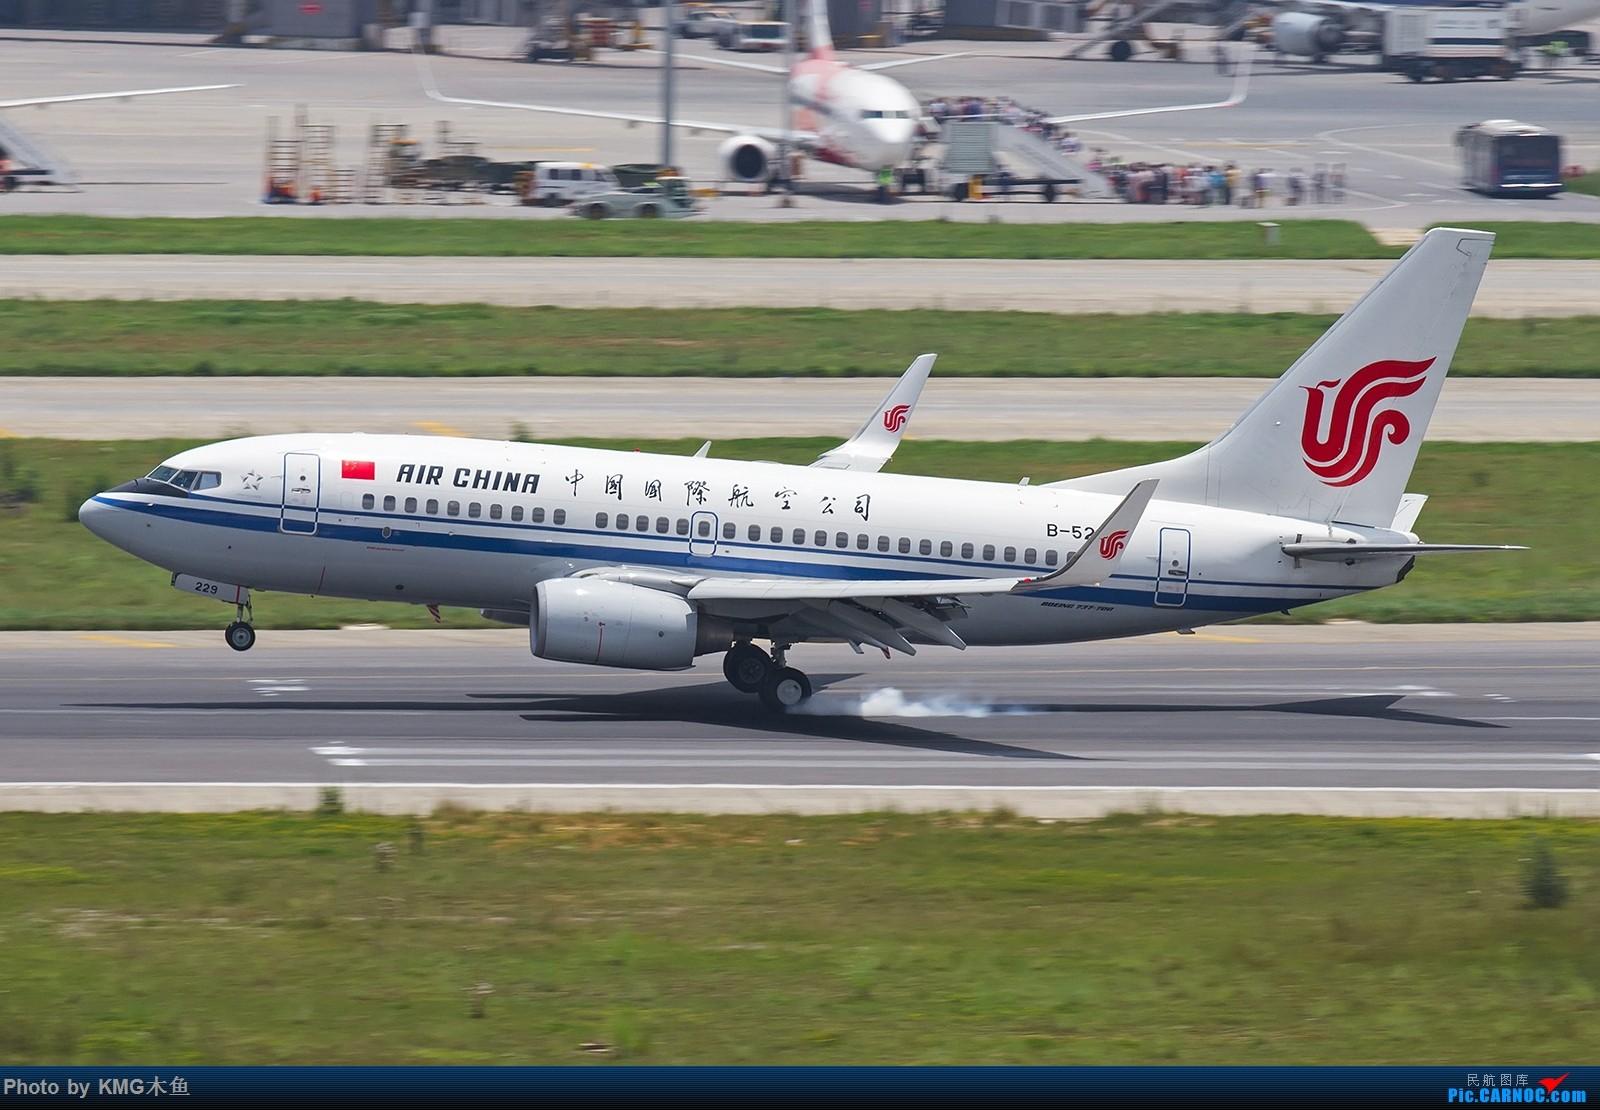 Re:[原创]【昆明长水国际机场——KMG木鱼拍机】第一次大中午的拍飞机,还好宽体比较多,也算是值得了 BOEING 737-700 B-5229 中国昆明长水国际机场